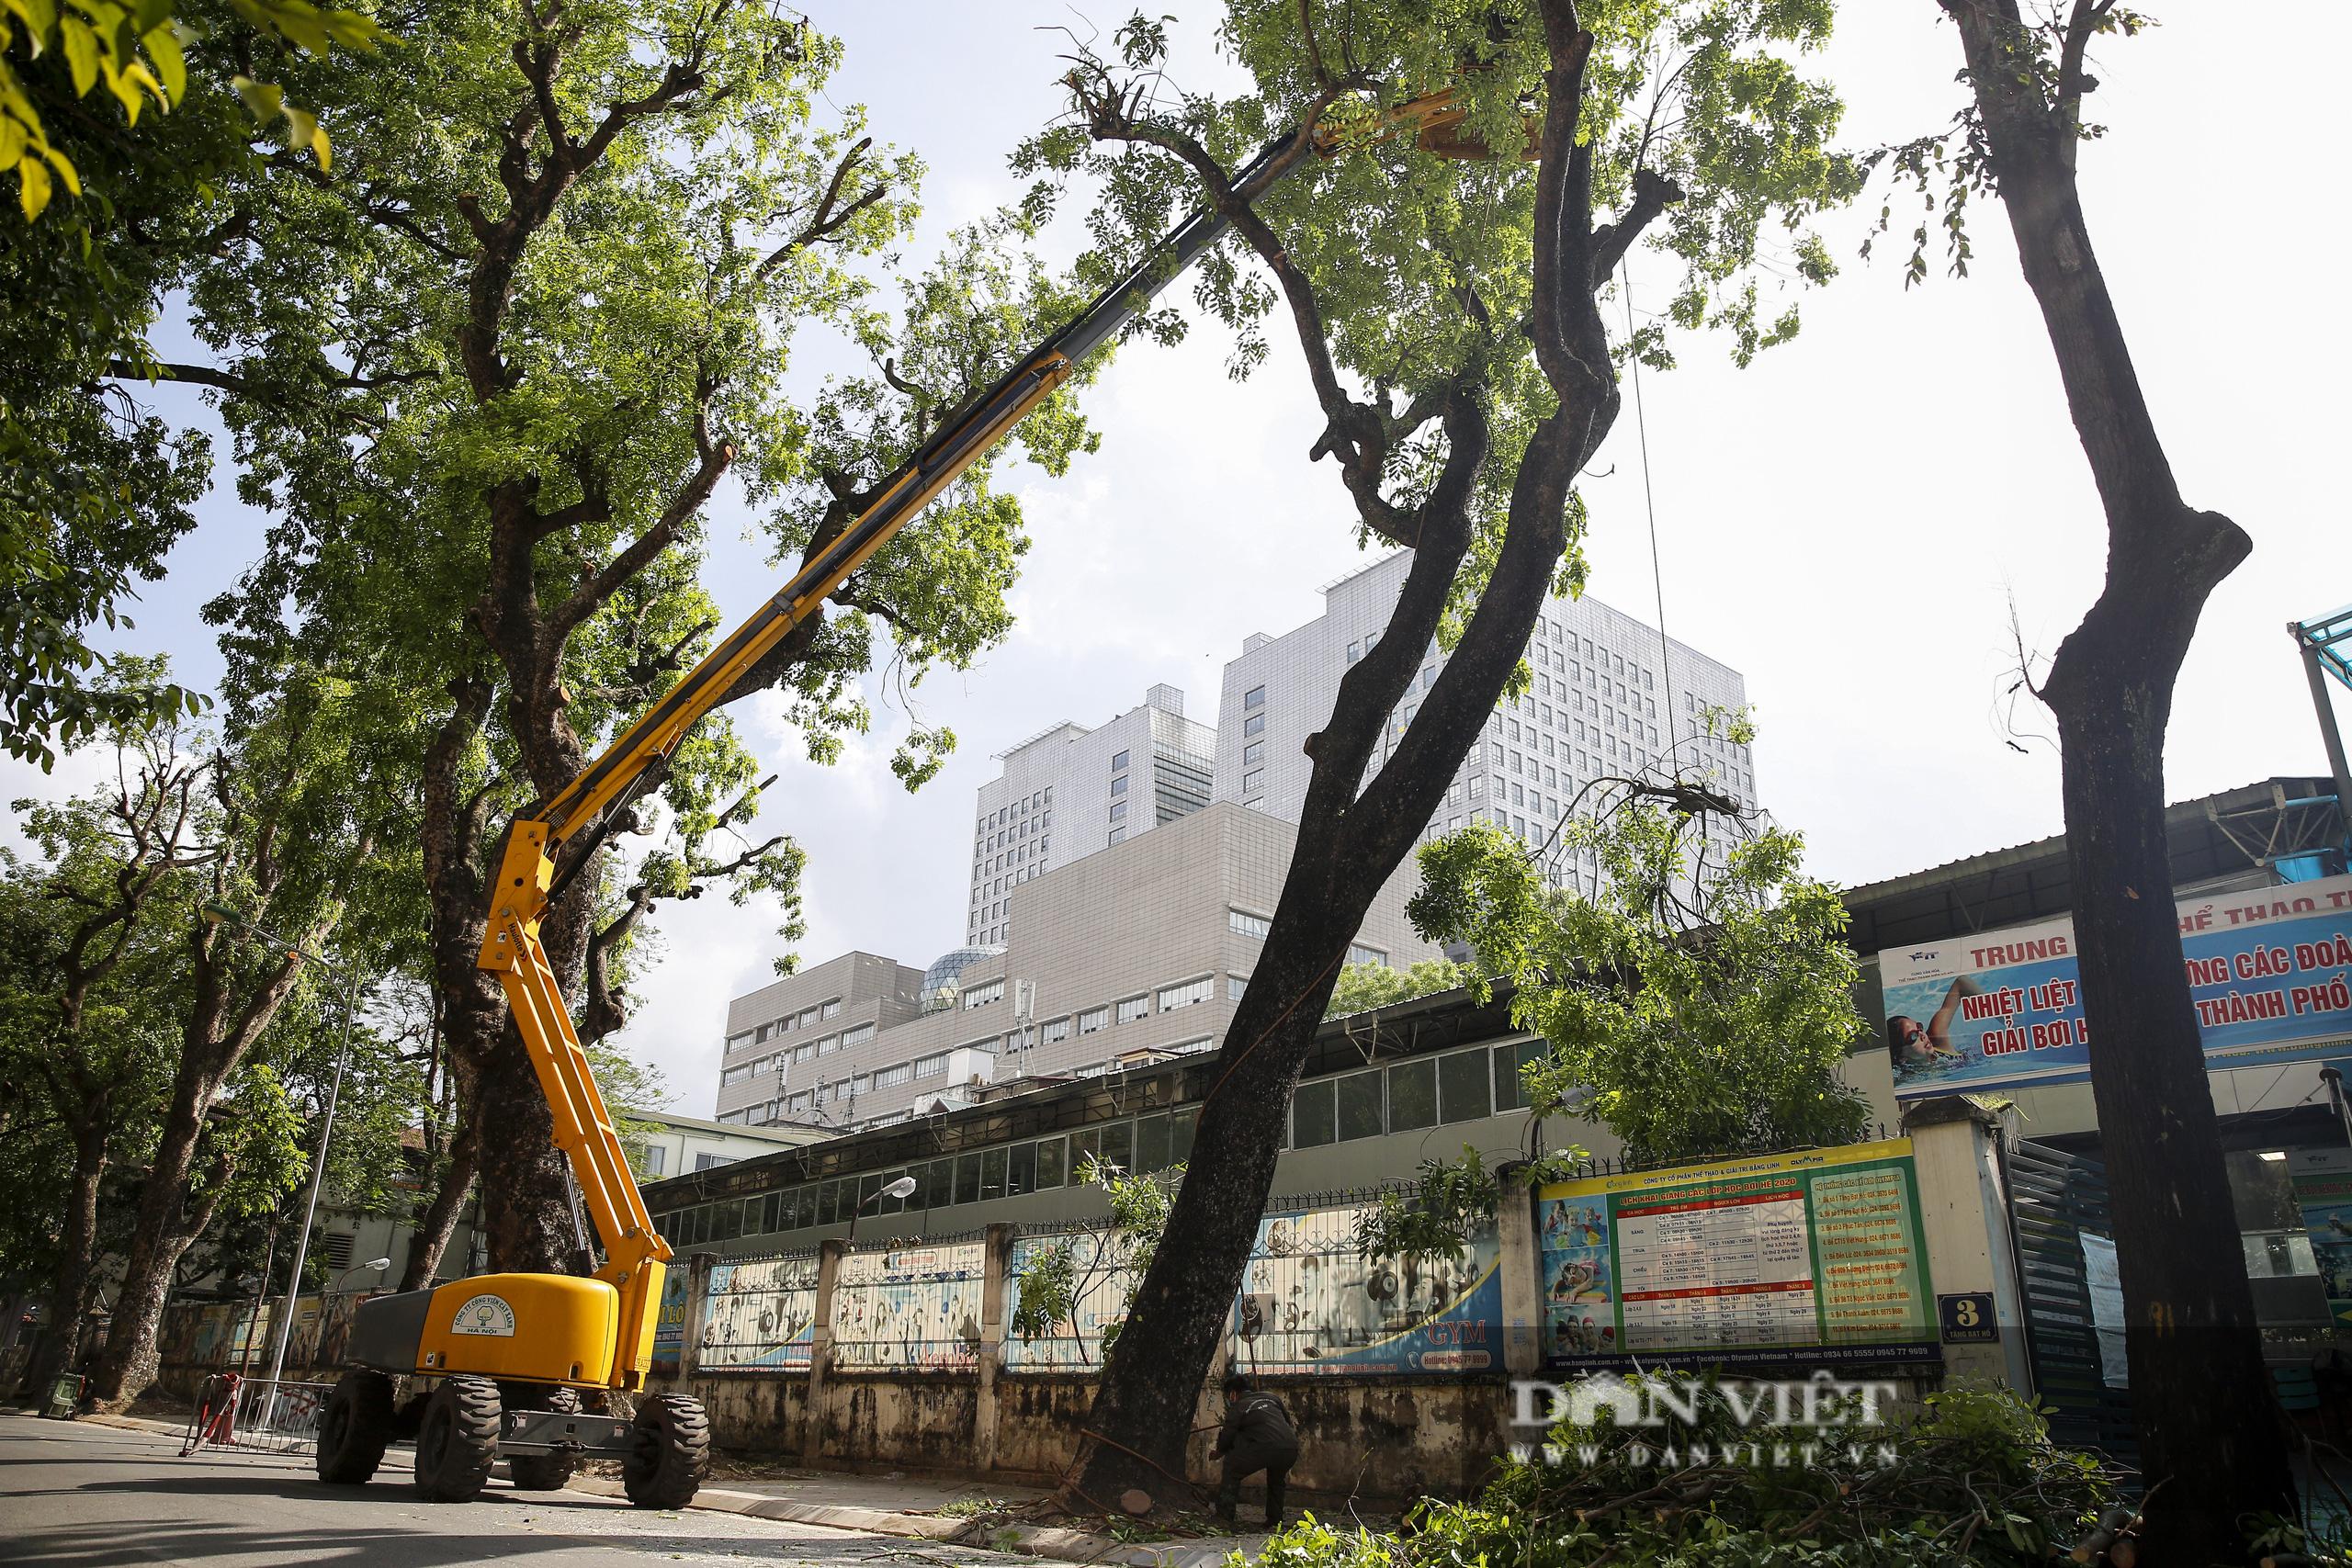 Hà Nội: Dùng xe nâng người dài 26 mét cắt tỉa hơn 20.000 cây nguy hiểm - Ảnh 1.